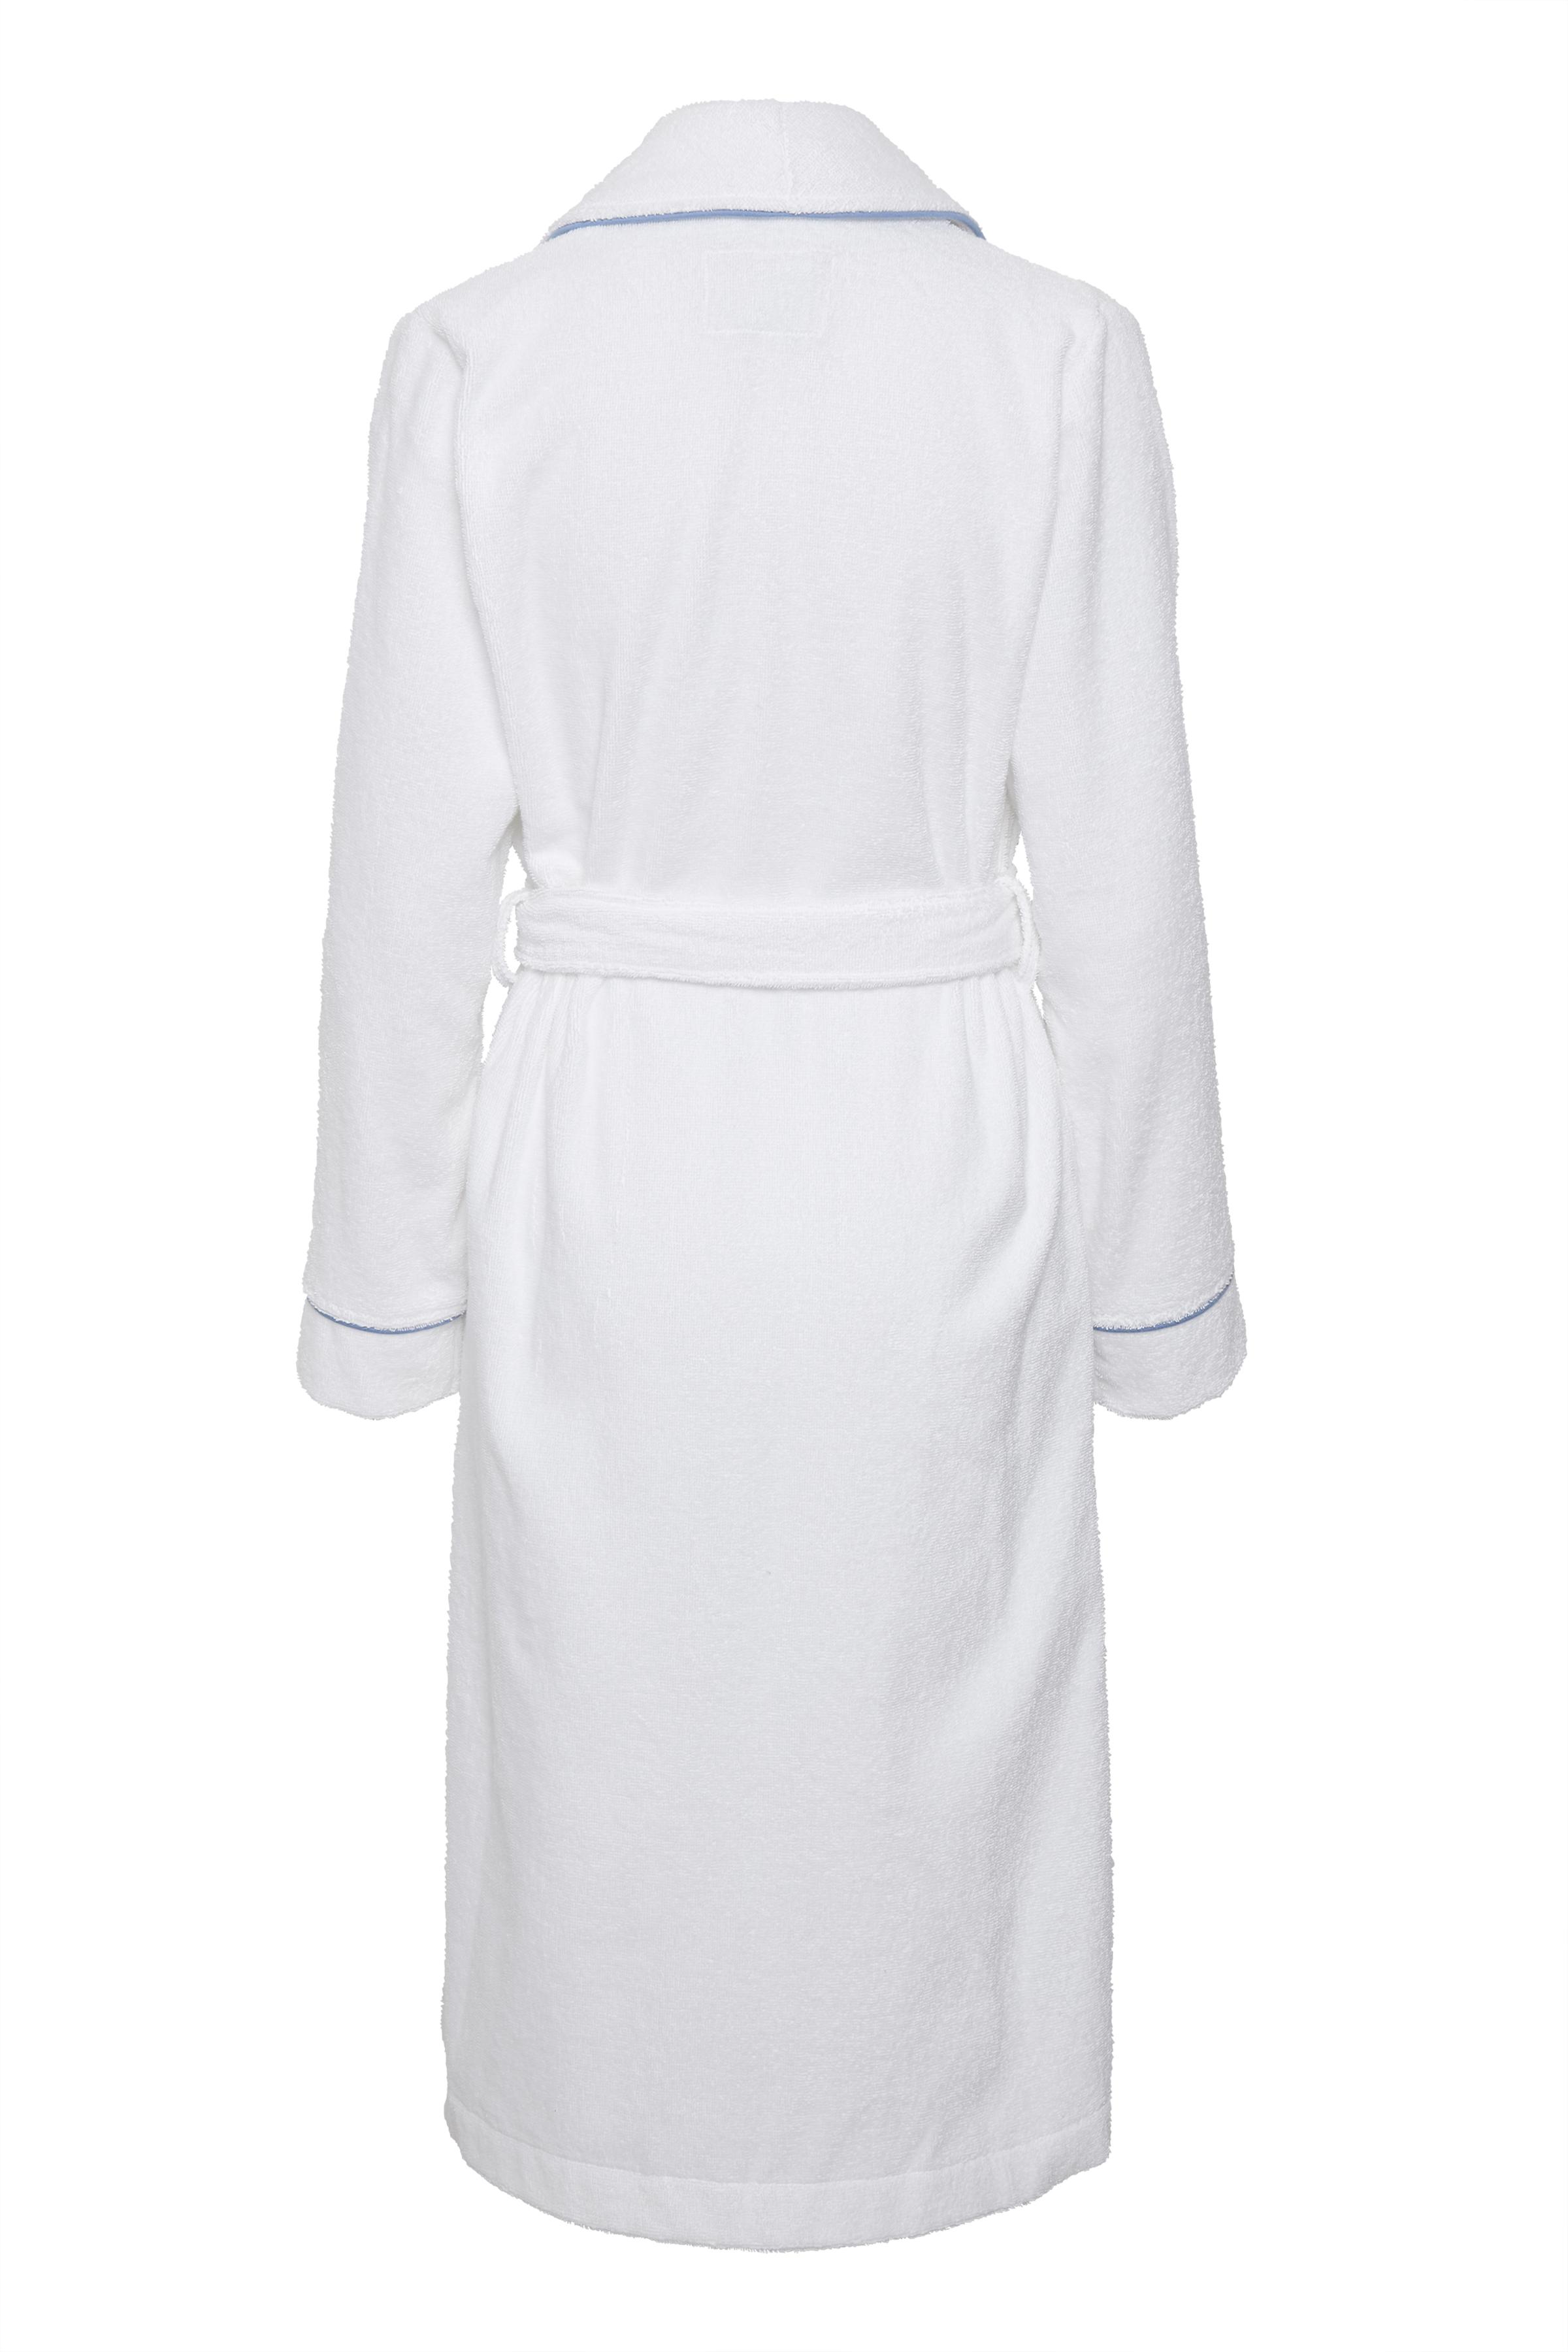 Weiß Nachtwäsche von Triumph – Shoppen Sie Weiß Nachtwäsche ab Gr. 36-44 hier